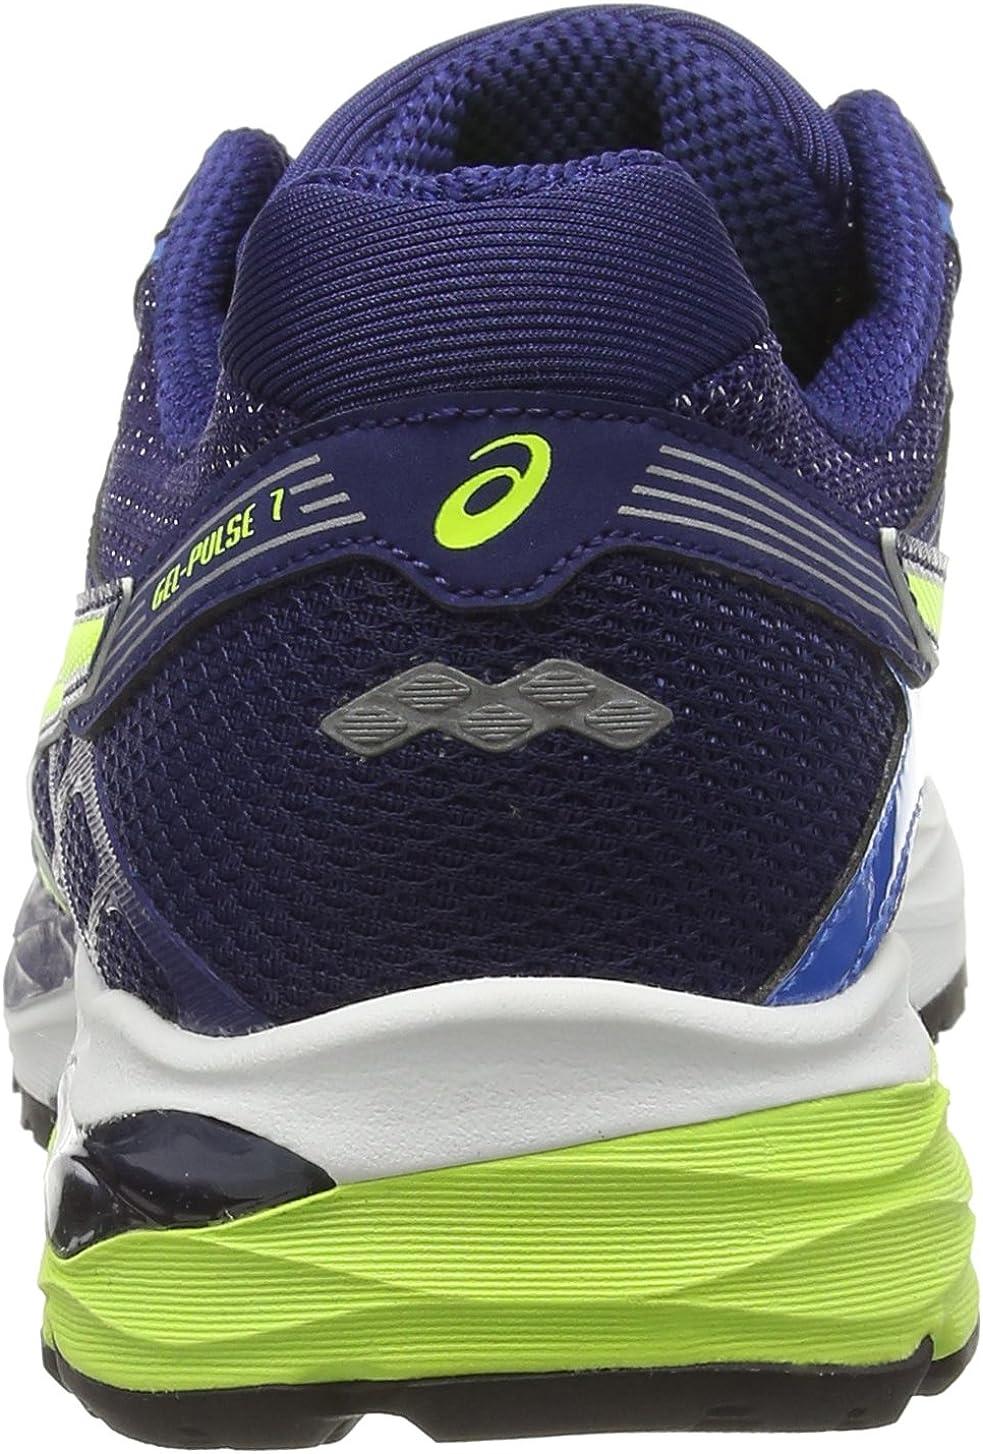 ASICS Gel-Pulse 7, Zapatillas de Running para Hombre, Azul (Electric Blue/Flash Yellow/Ind 3907), 44.5 EU: Amazon.es: Zapatos y complementos